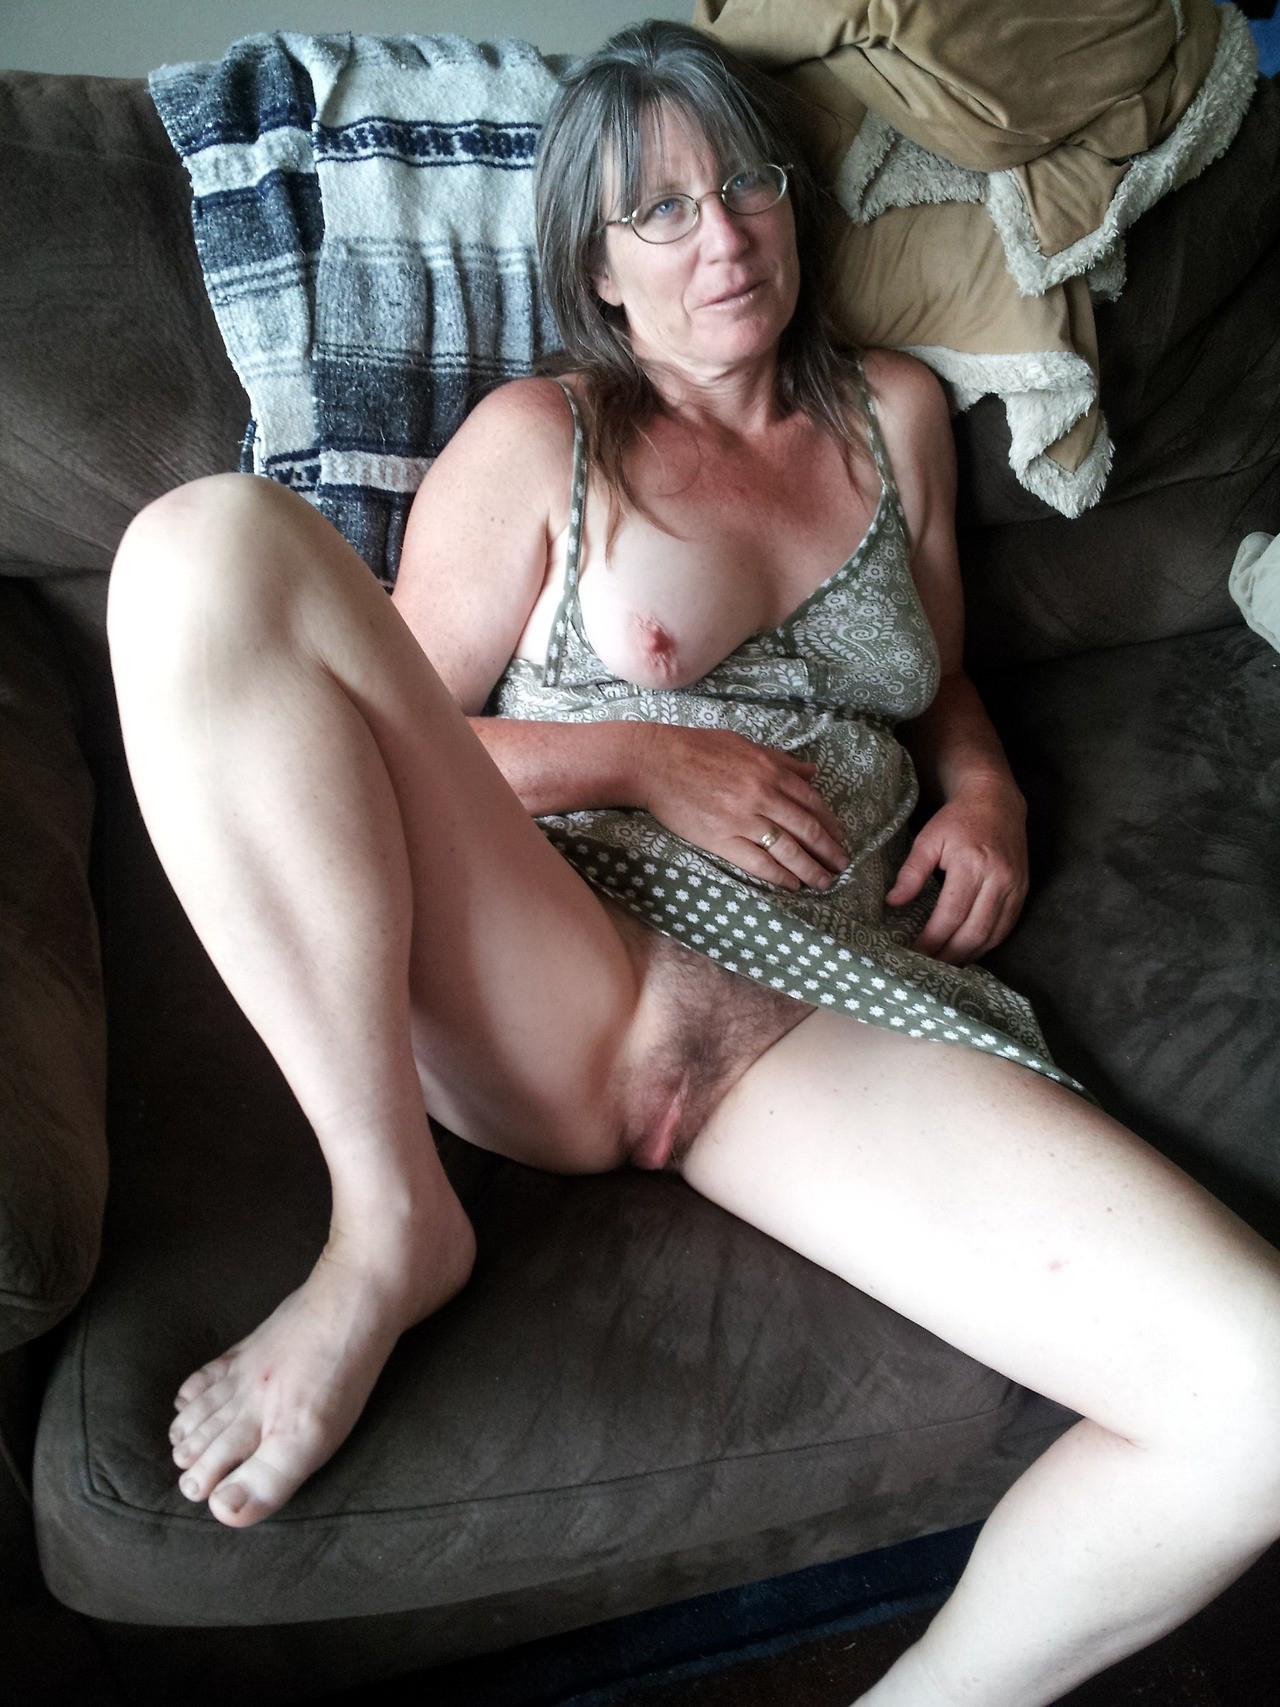 Mature Women Fingering Herself